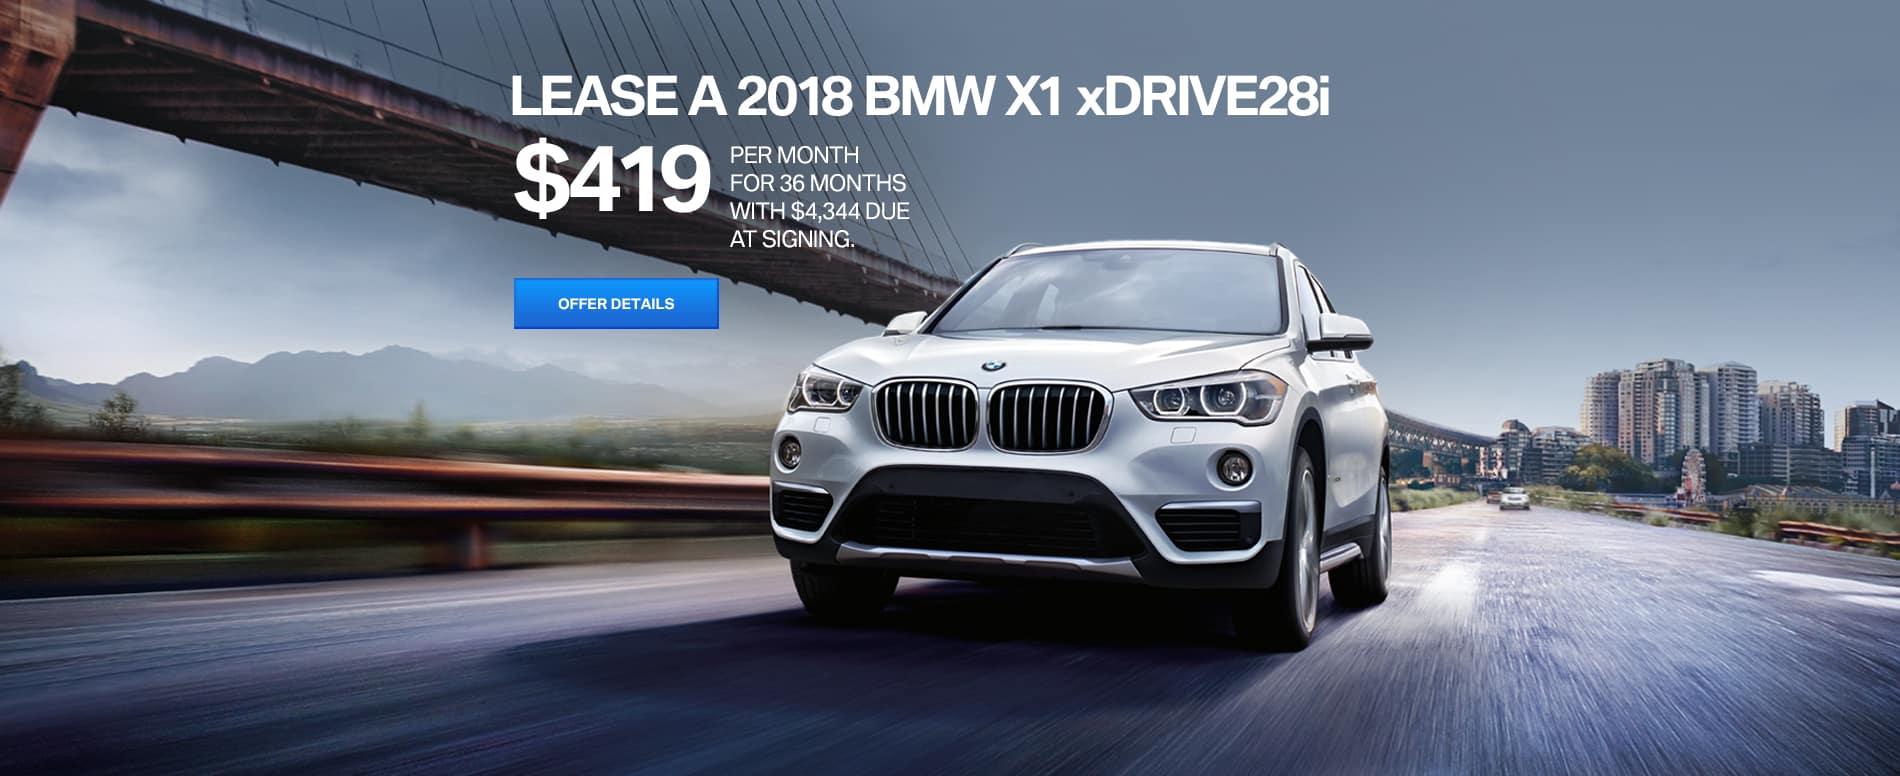 Bmw deals december 2018